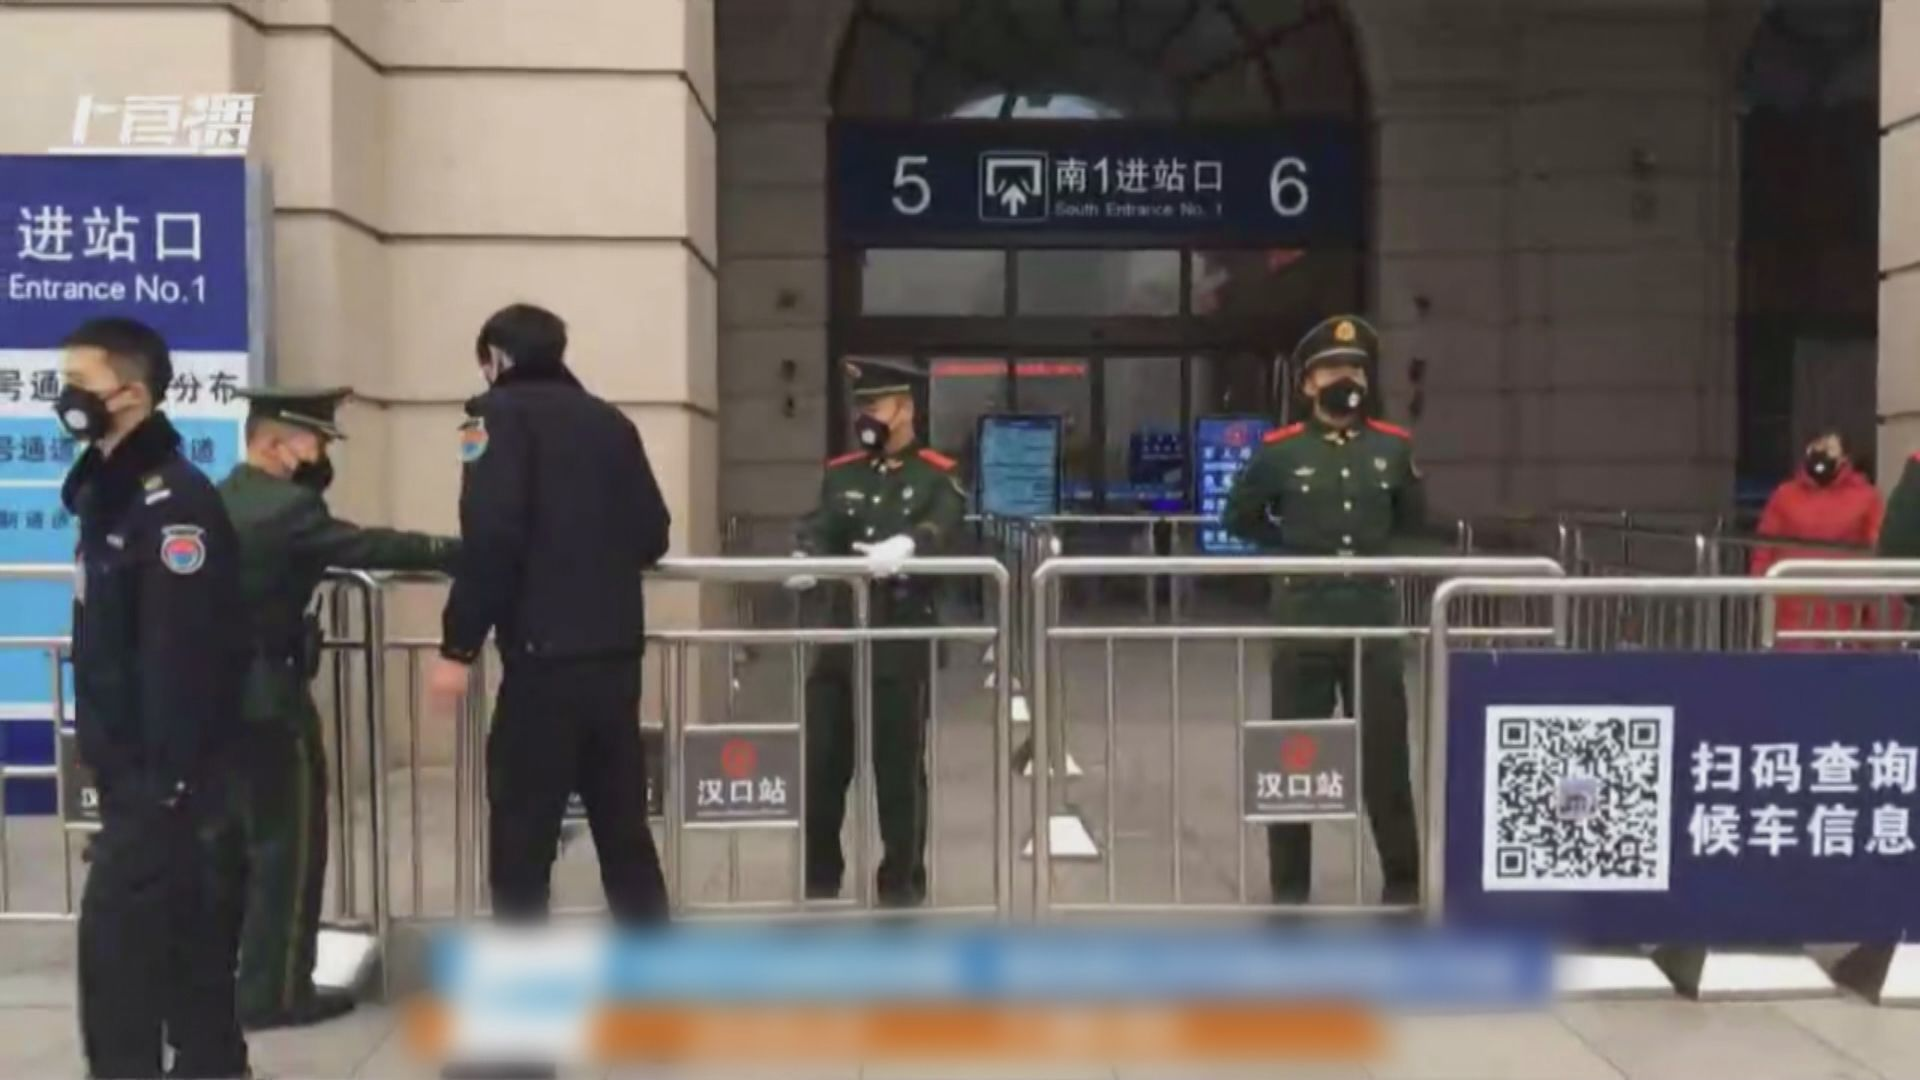 武漢公告無交代獲准離開人員是否包括一般市民或港人